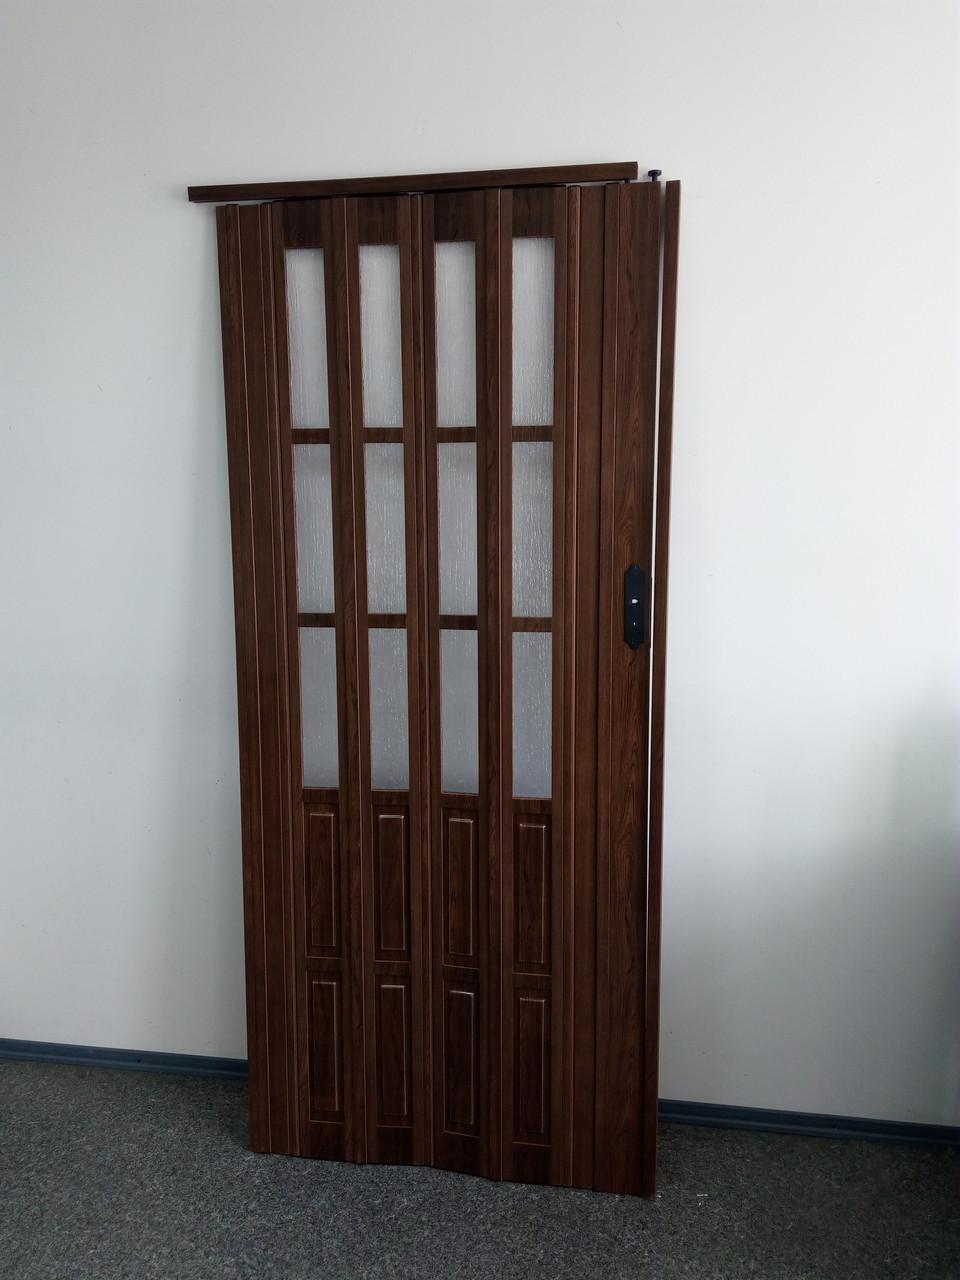 Межкомнатная дверь гармошка 860х2030х12мм полу остекленные  дуб темный 7036